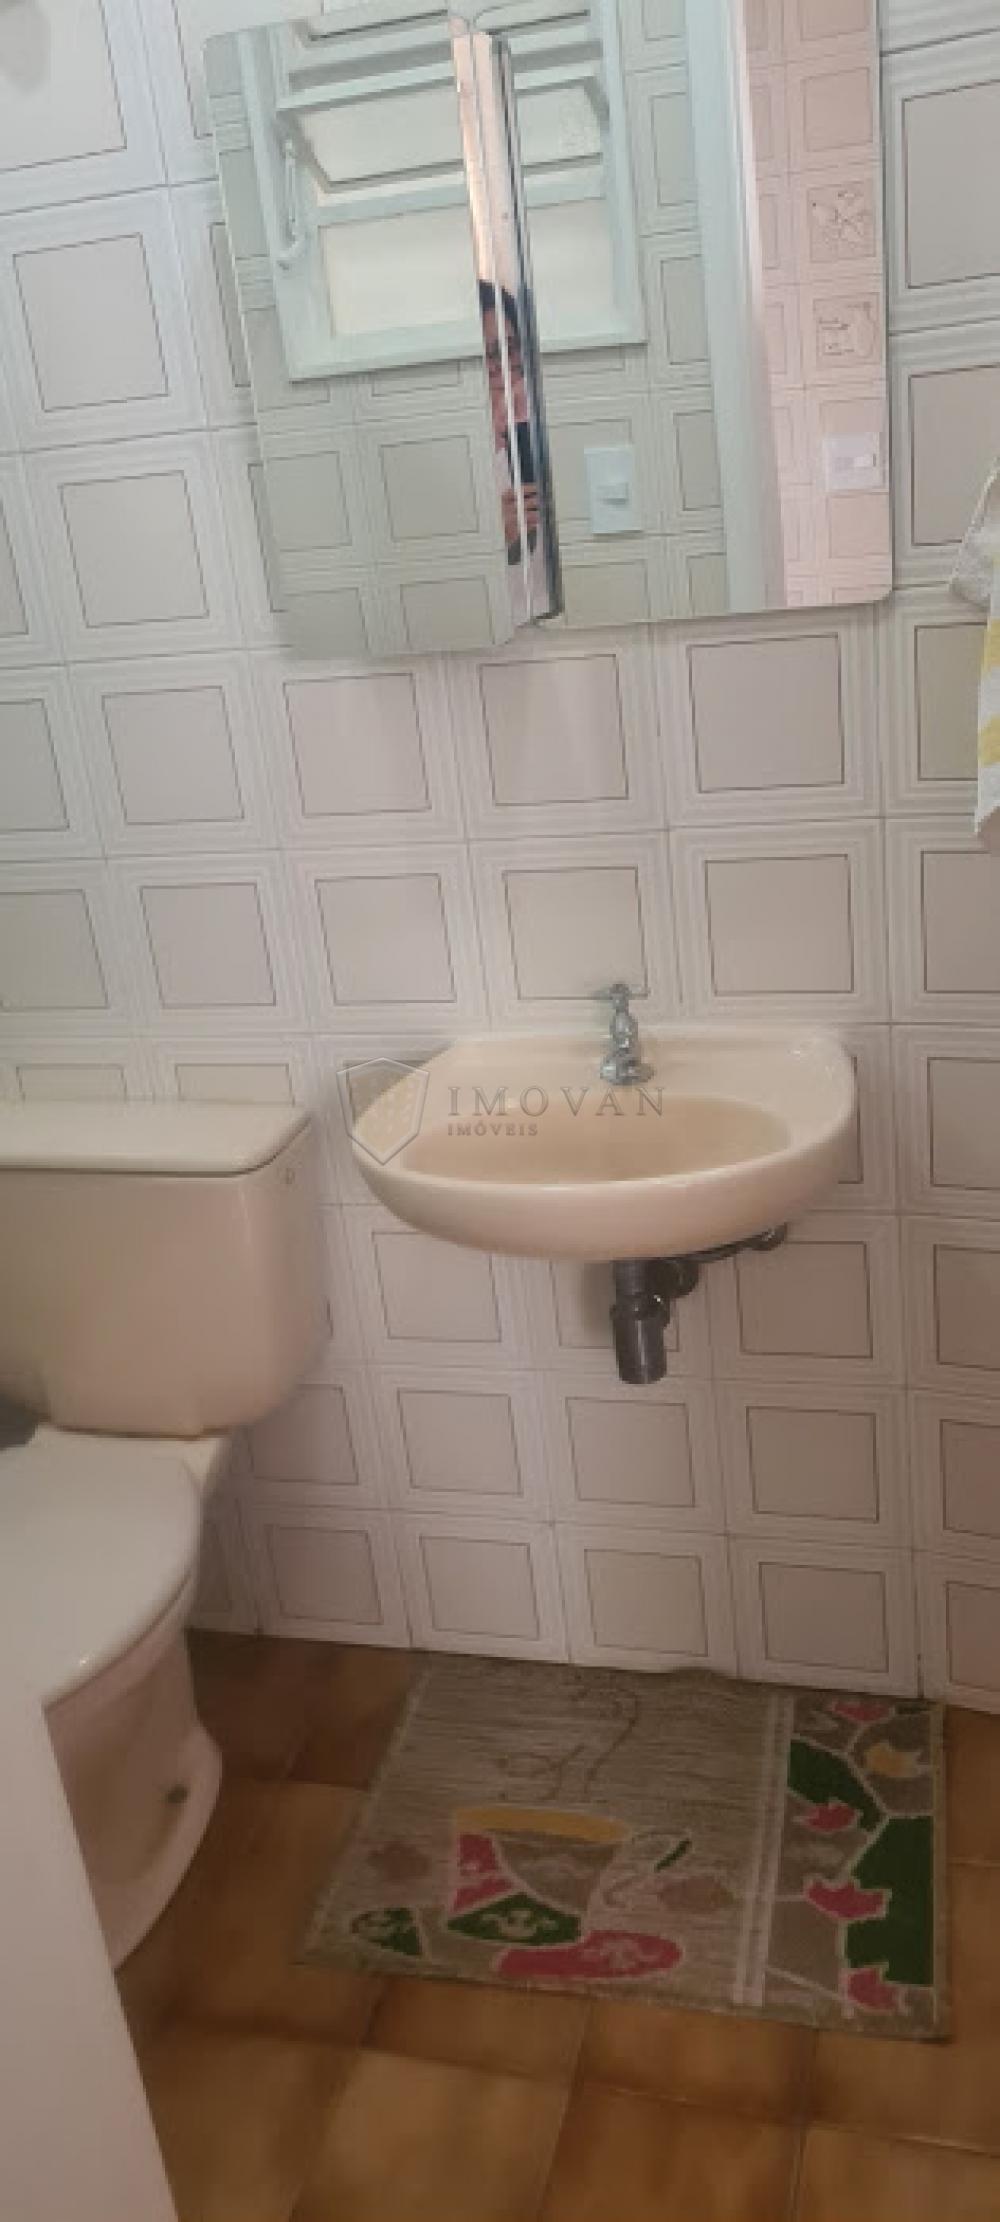 Comprar Apartamento / Padrão em Ribeirão Preto apenas R$ 310.000,00 - Foto 33